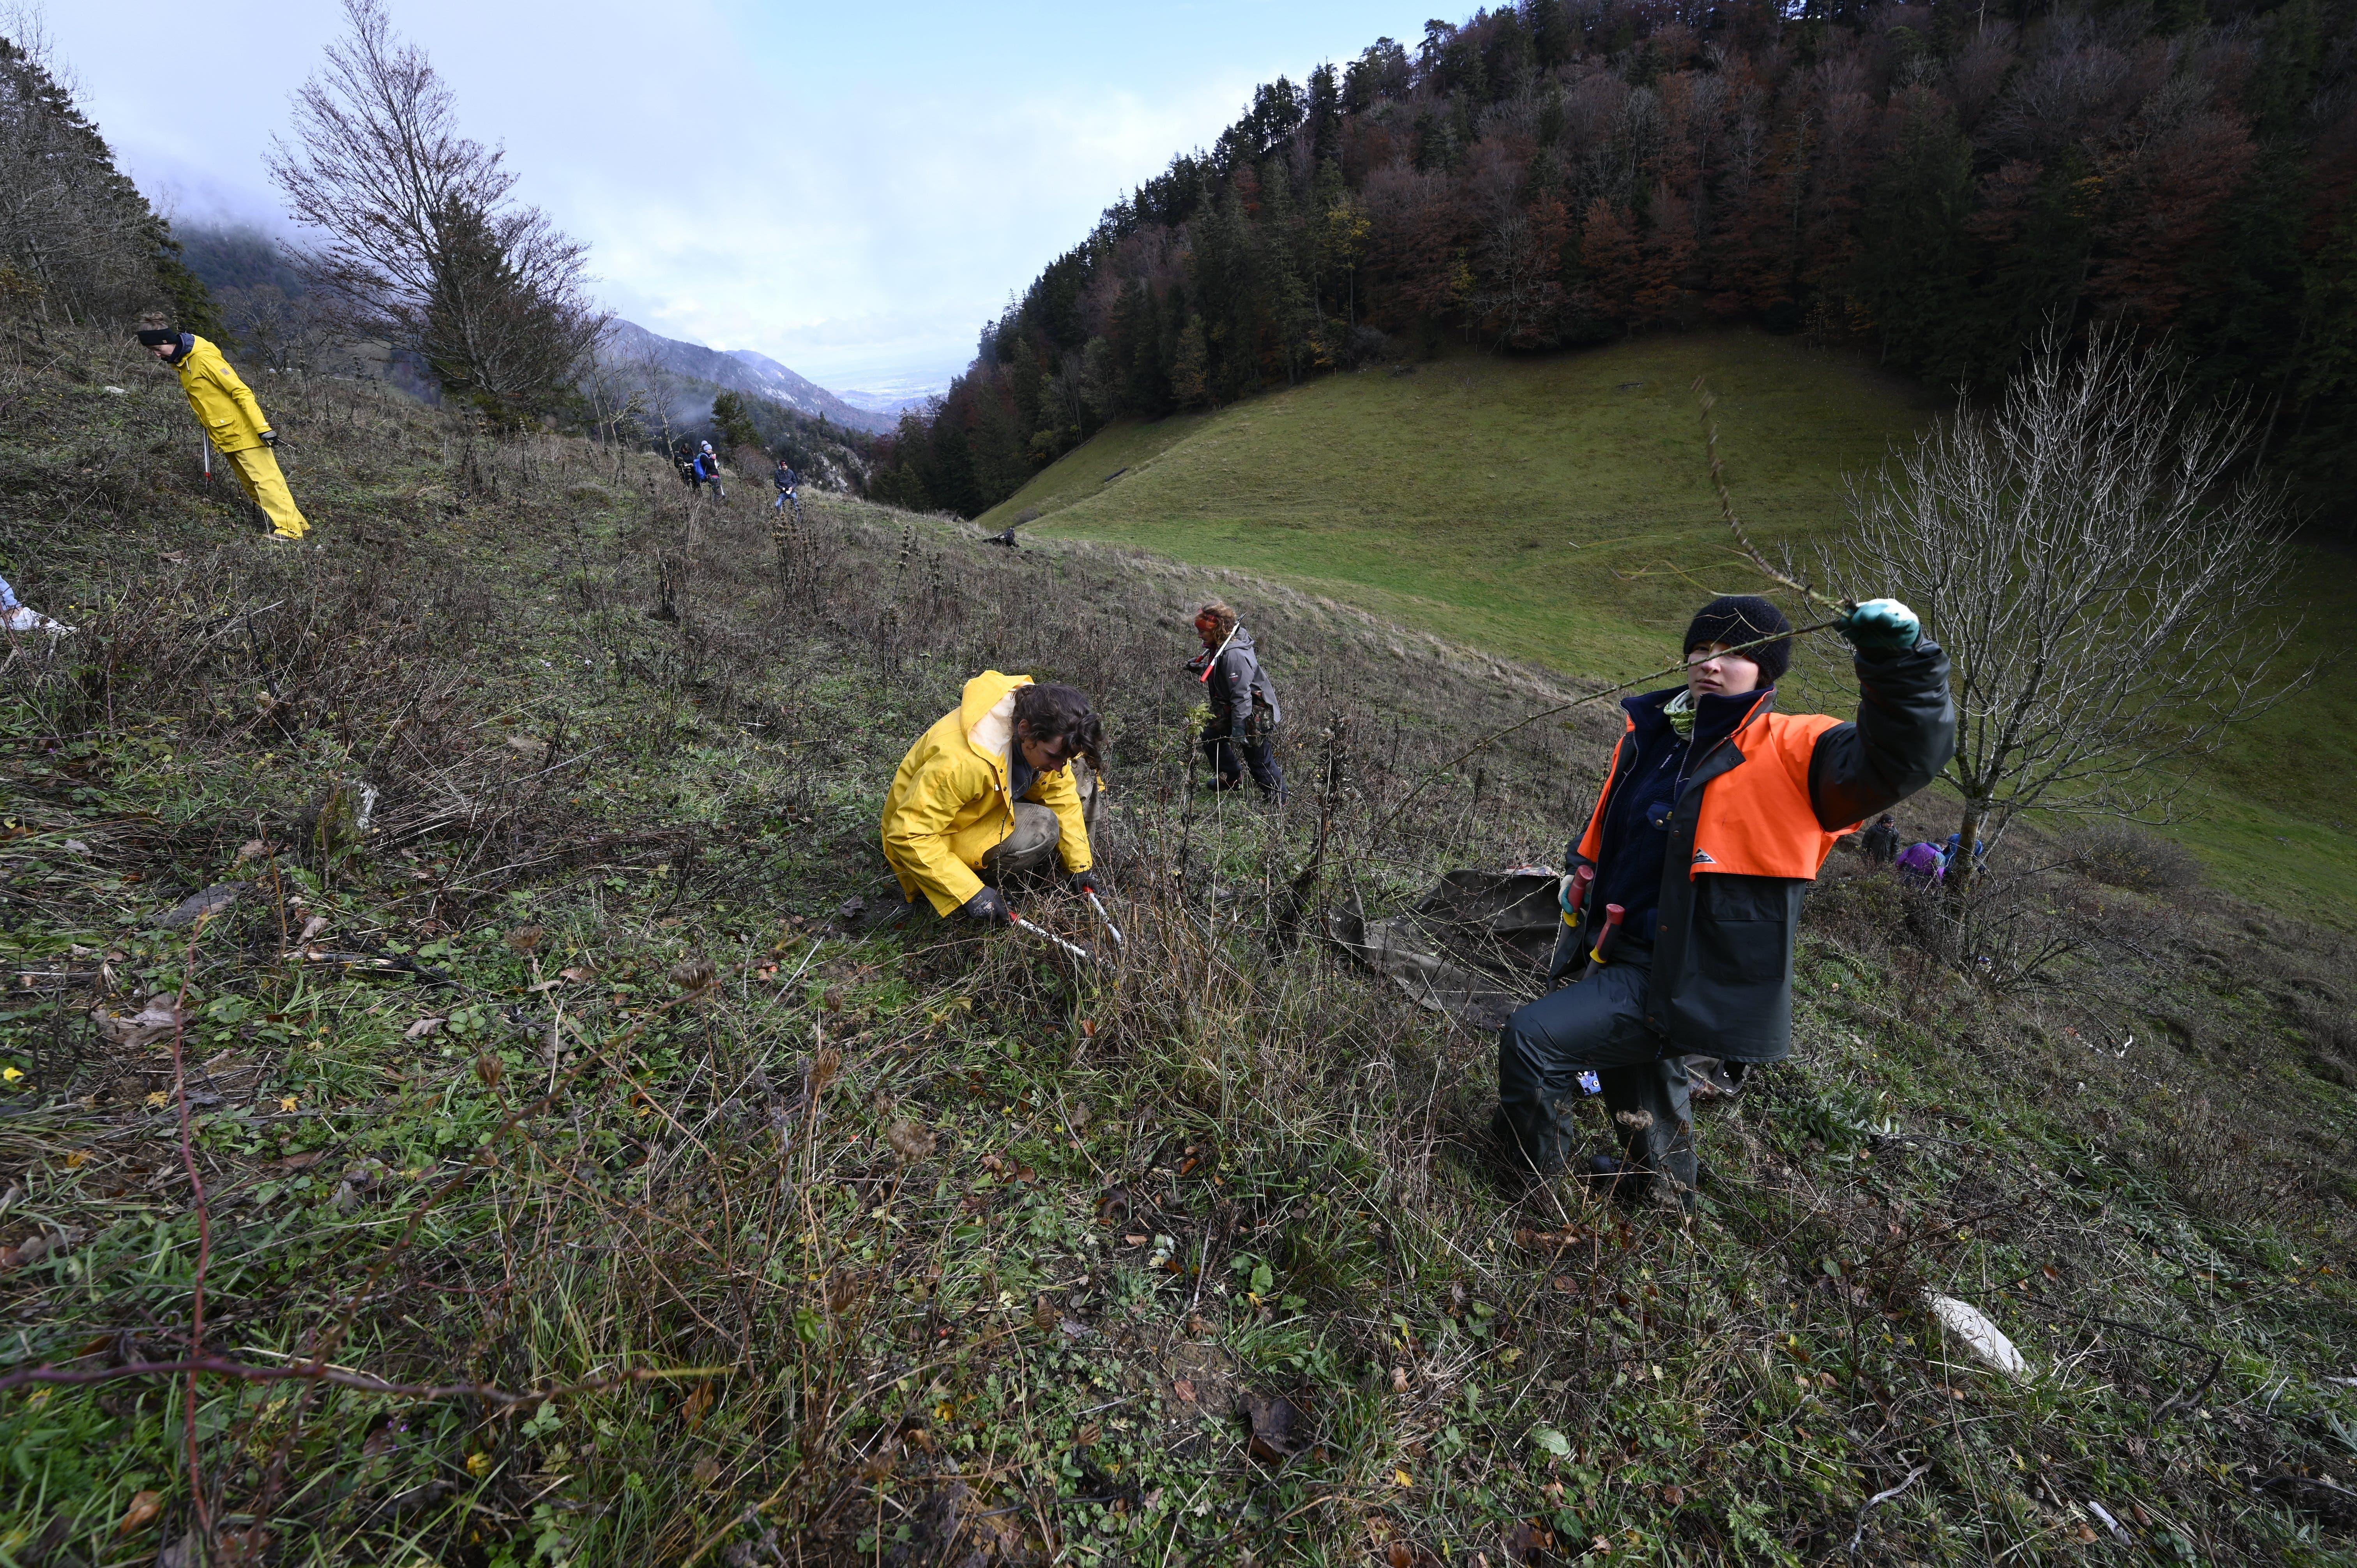 Körperliche Anstrengung für guten Zweck: Bergwald-Projekt-Team an der Arbeit oberhalb von Selzach.